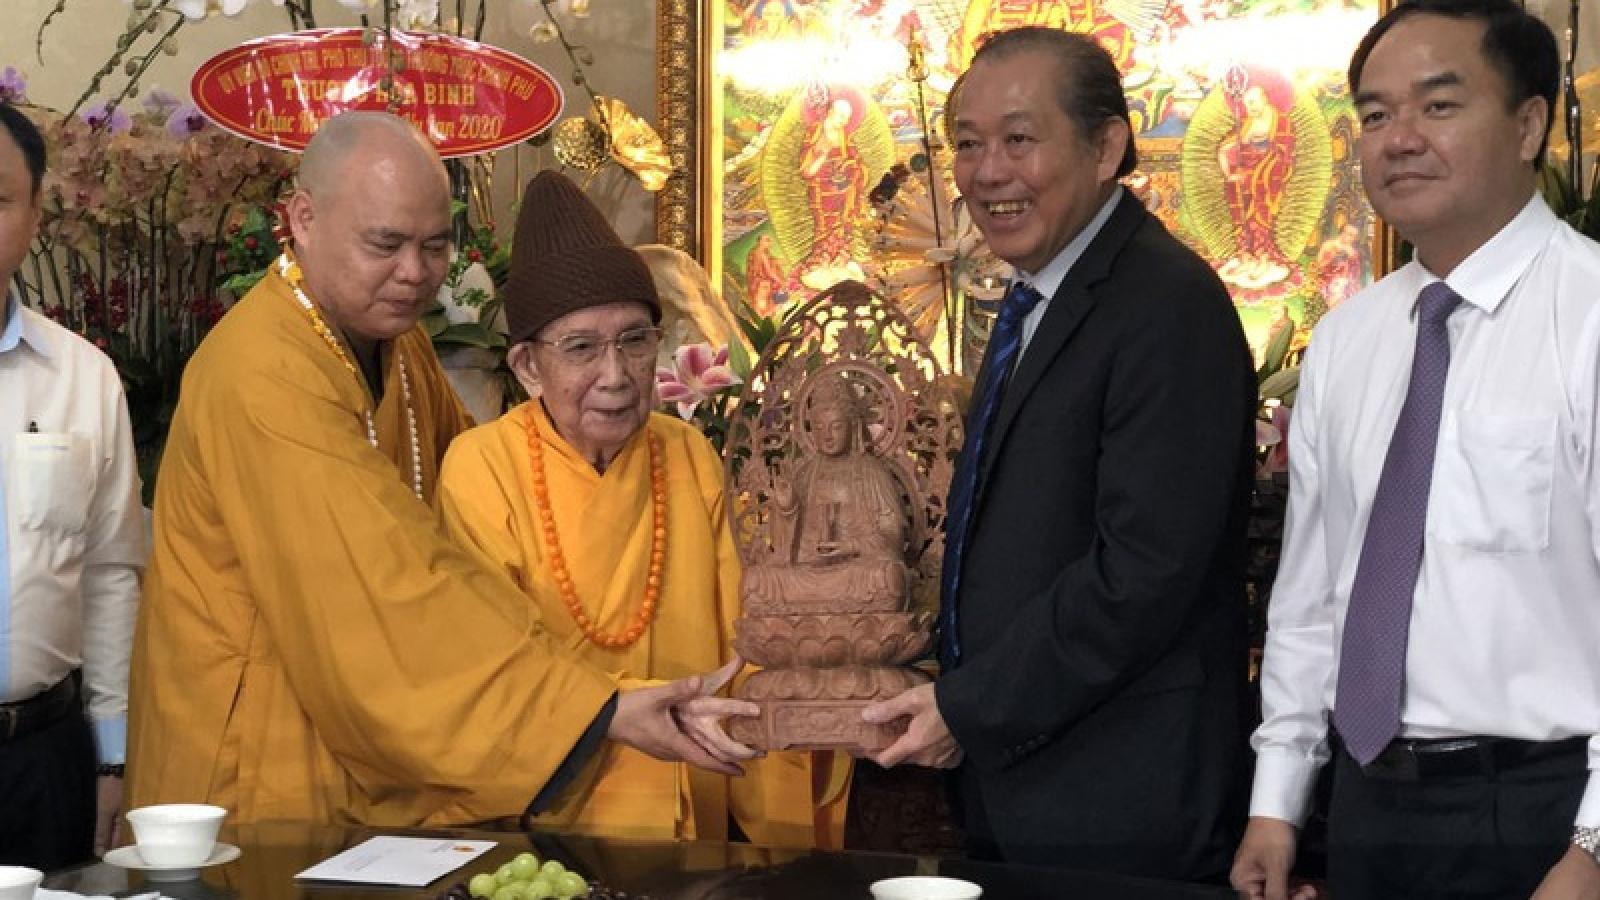 Phó Thủ tướng Trương Hòa Bình chúc mừng Đại lễ Vu lan tại TPHCM